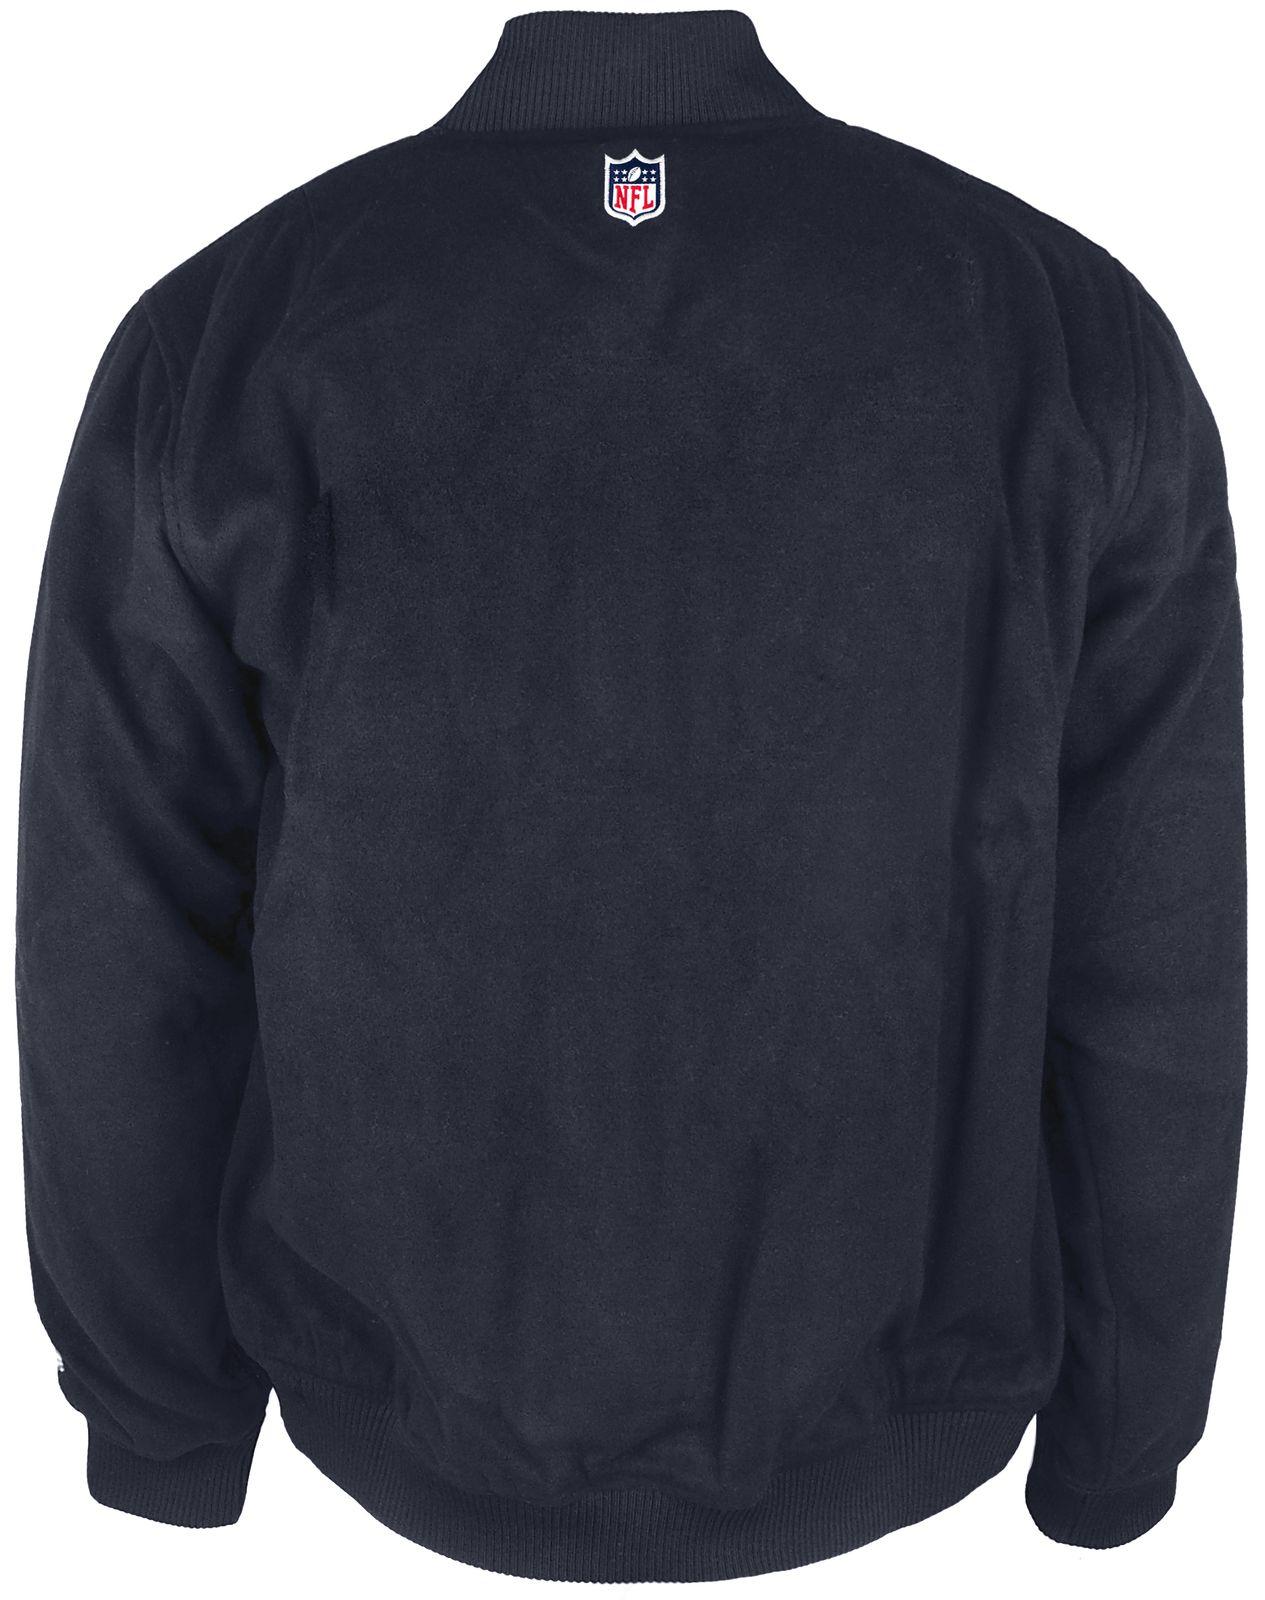 94a448d81 ... Vorschau  New Era - NFL Seattle Seahawks Melton Bomberjacke - navy